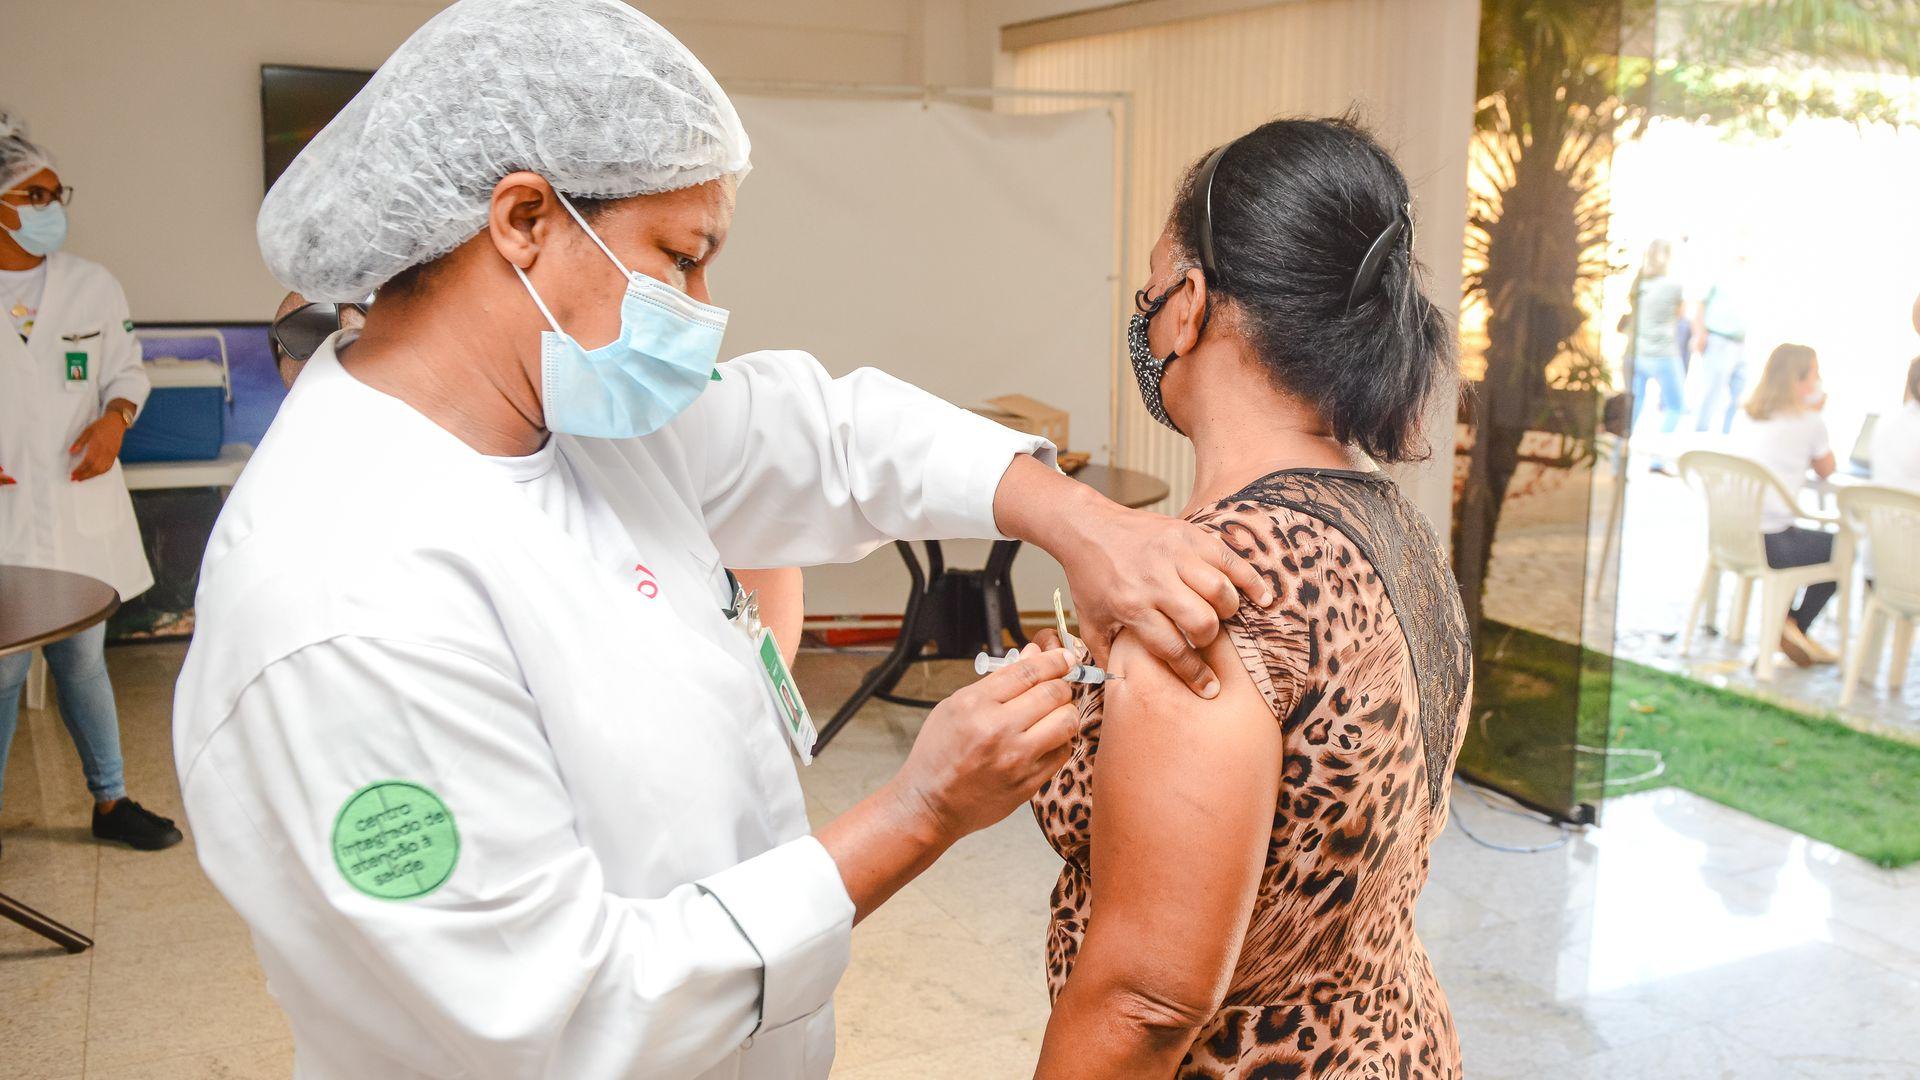 Vitória foi a capital da região Sudeste que mais rapidamente avançou na vacinação por faixas etárias sem comorbidades.